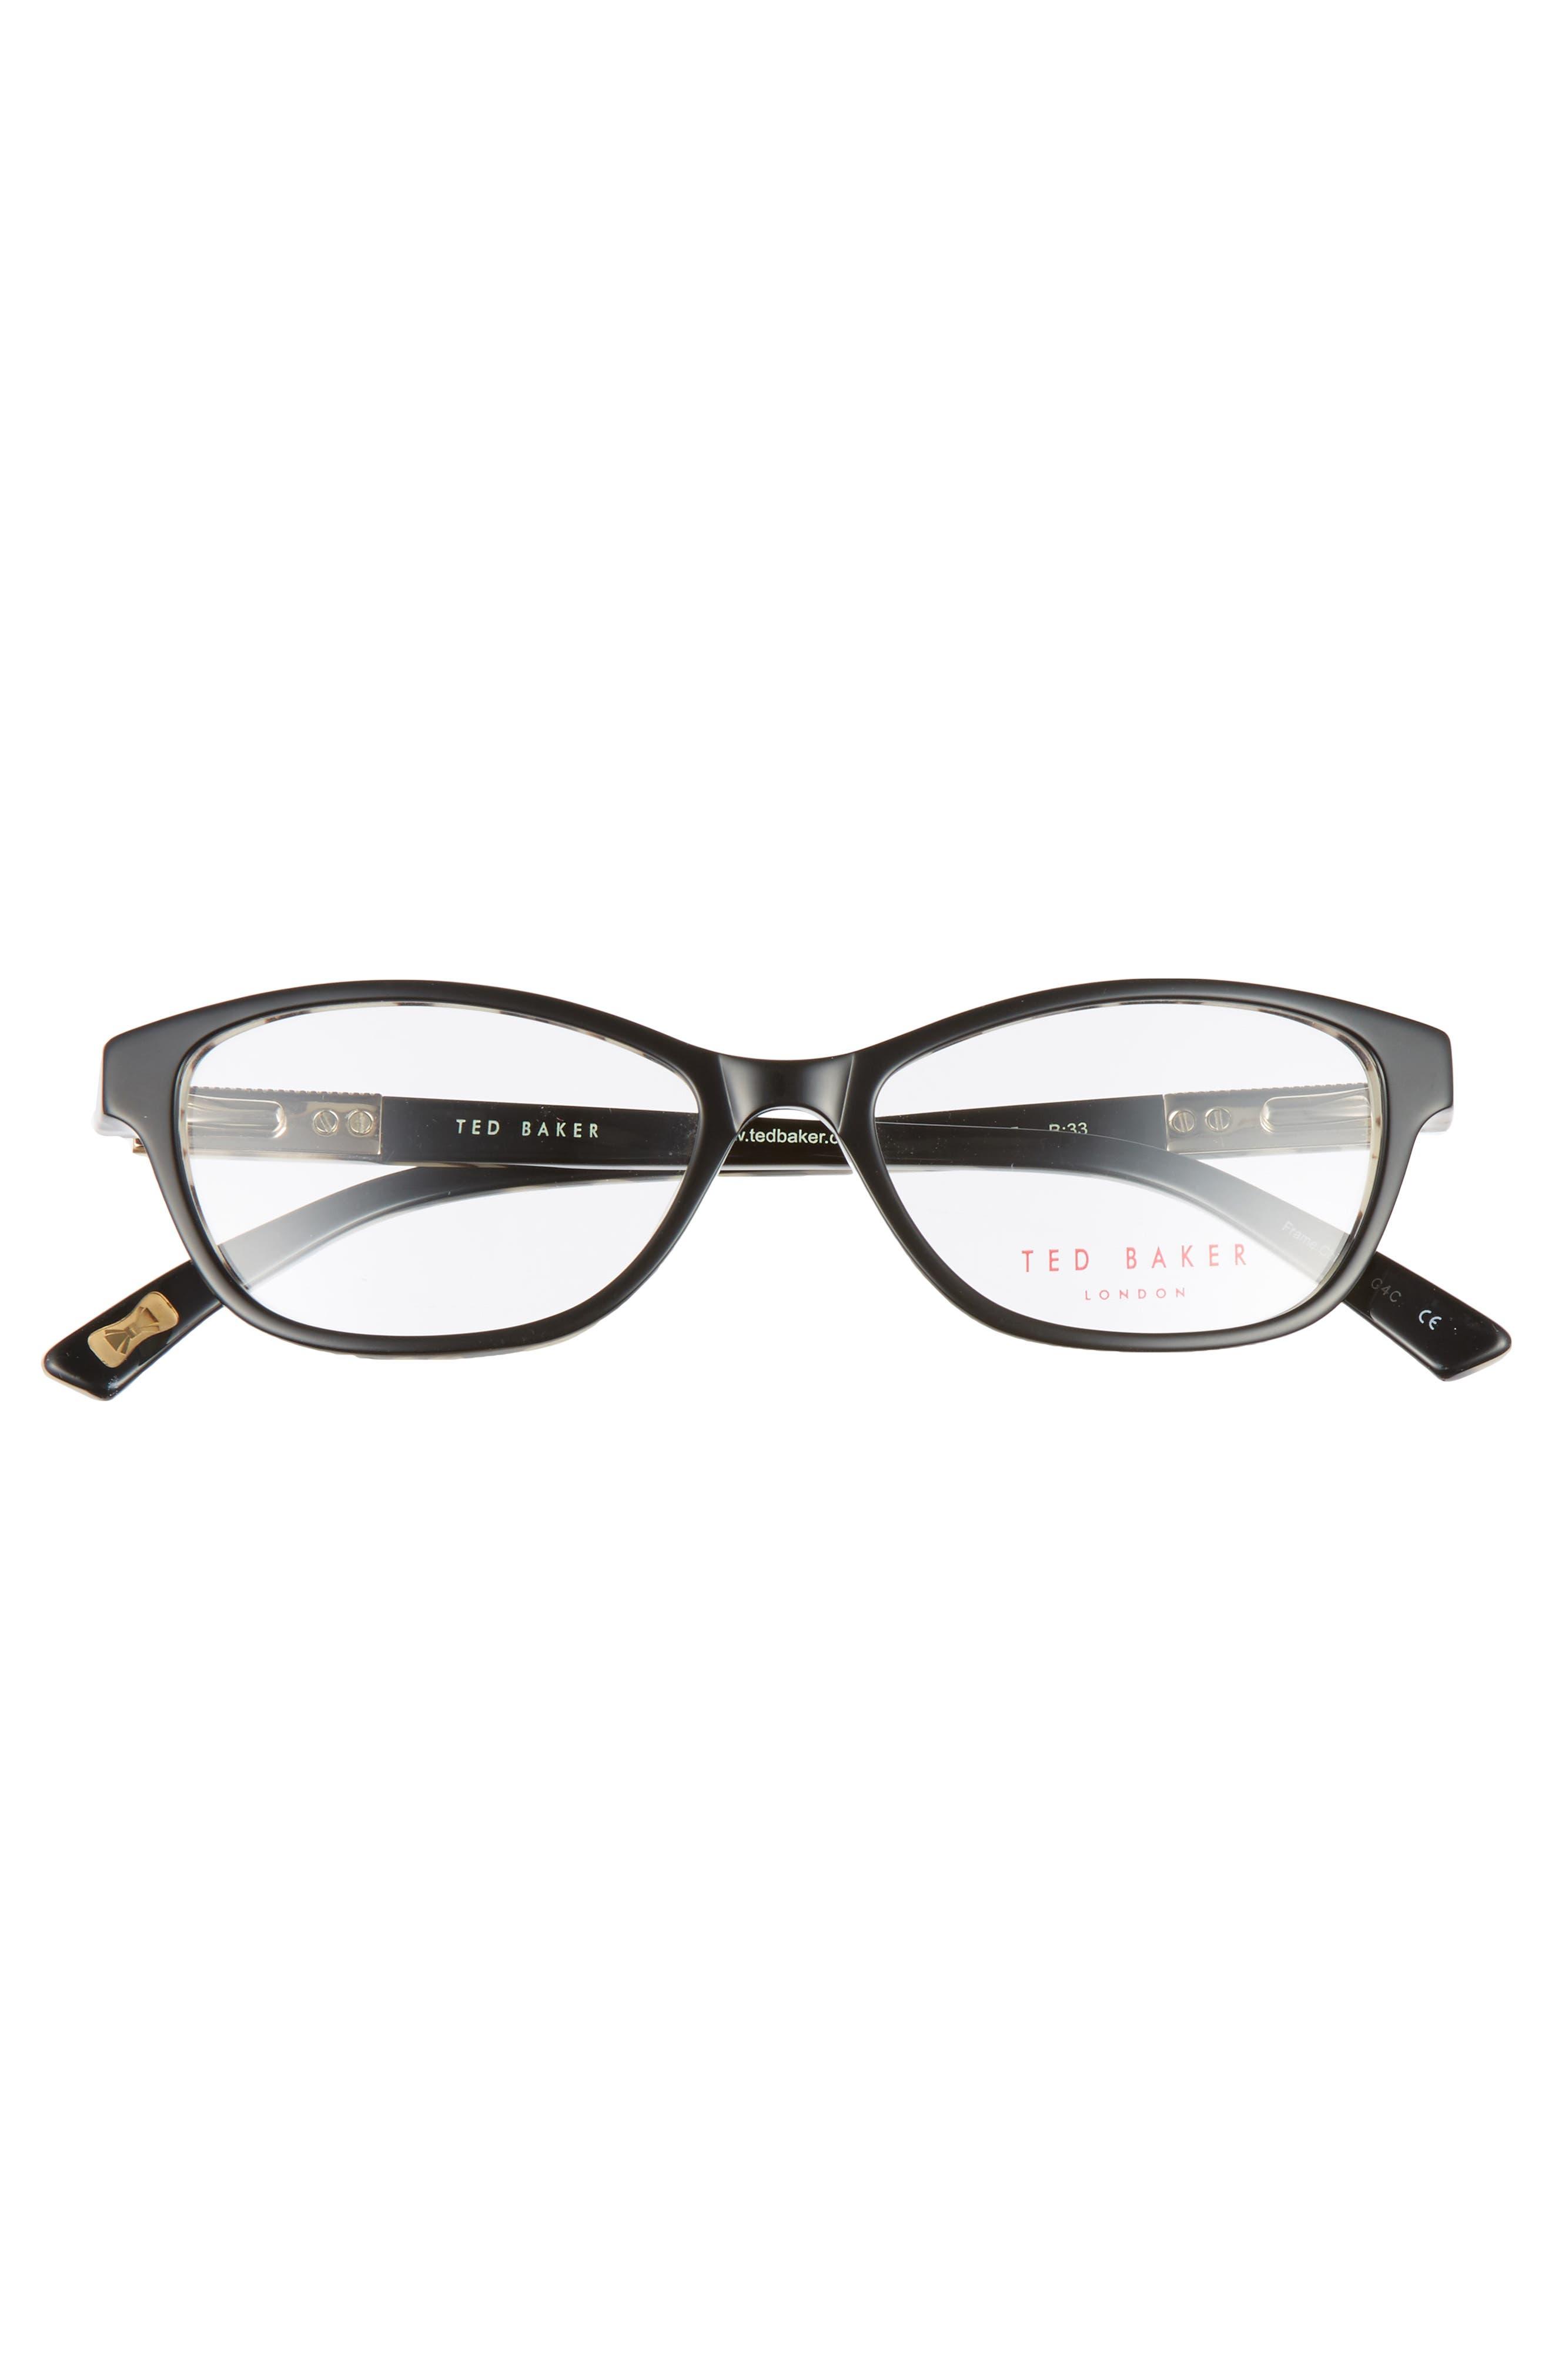 50mm Optical Cat Eye Glasses,                             Alternate thumbnail 3, color,                             001